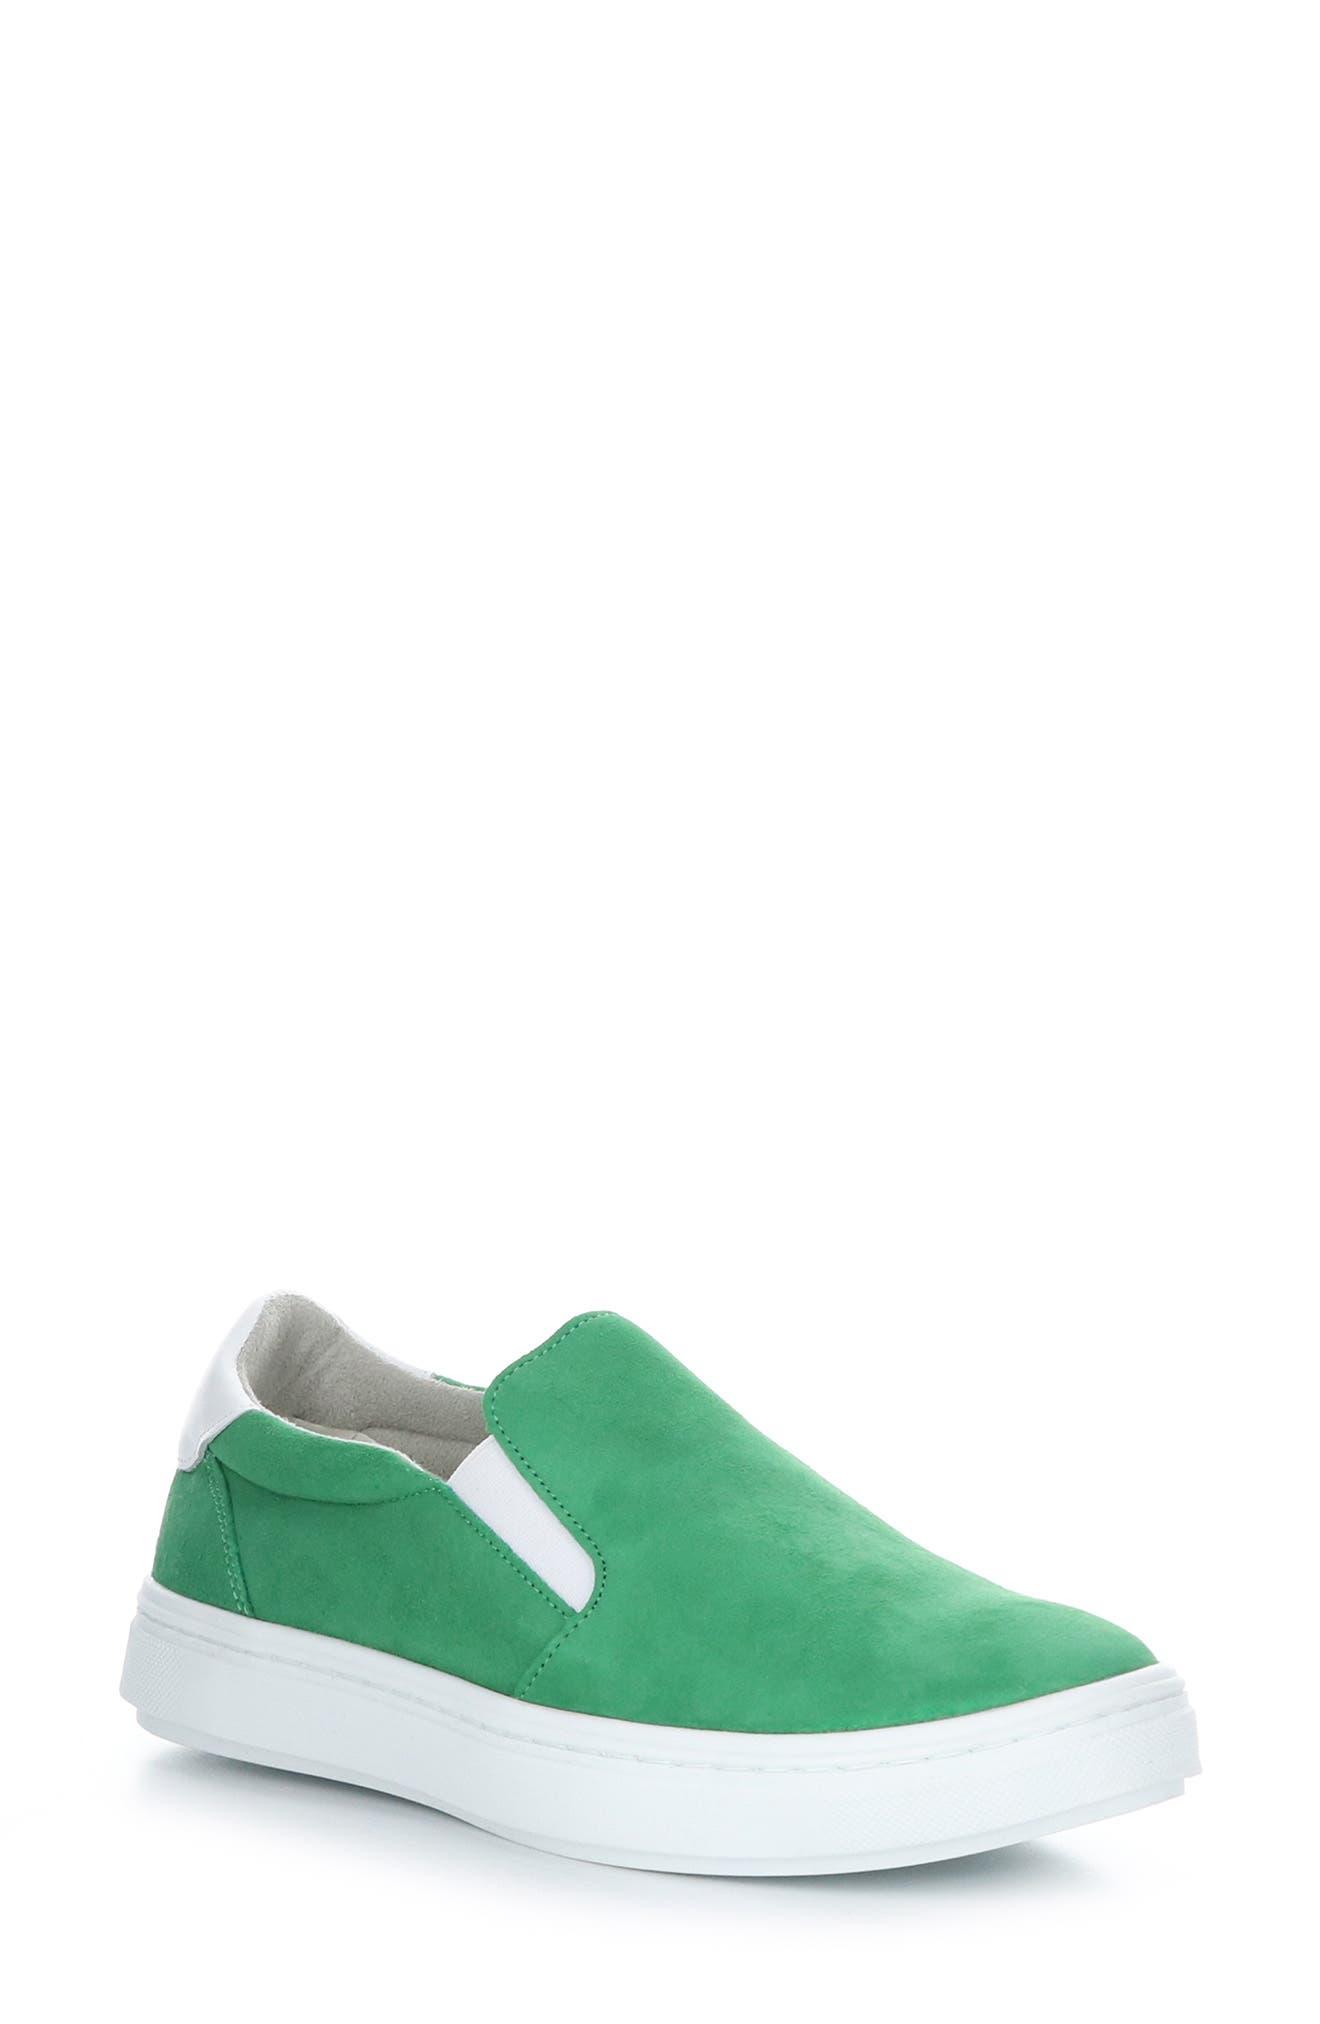 Chuska Slip-On Sneaker